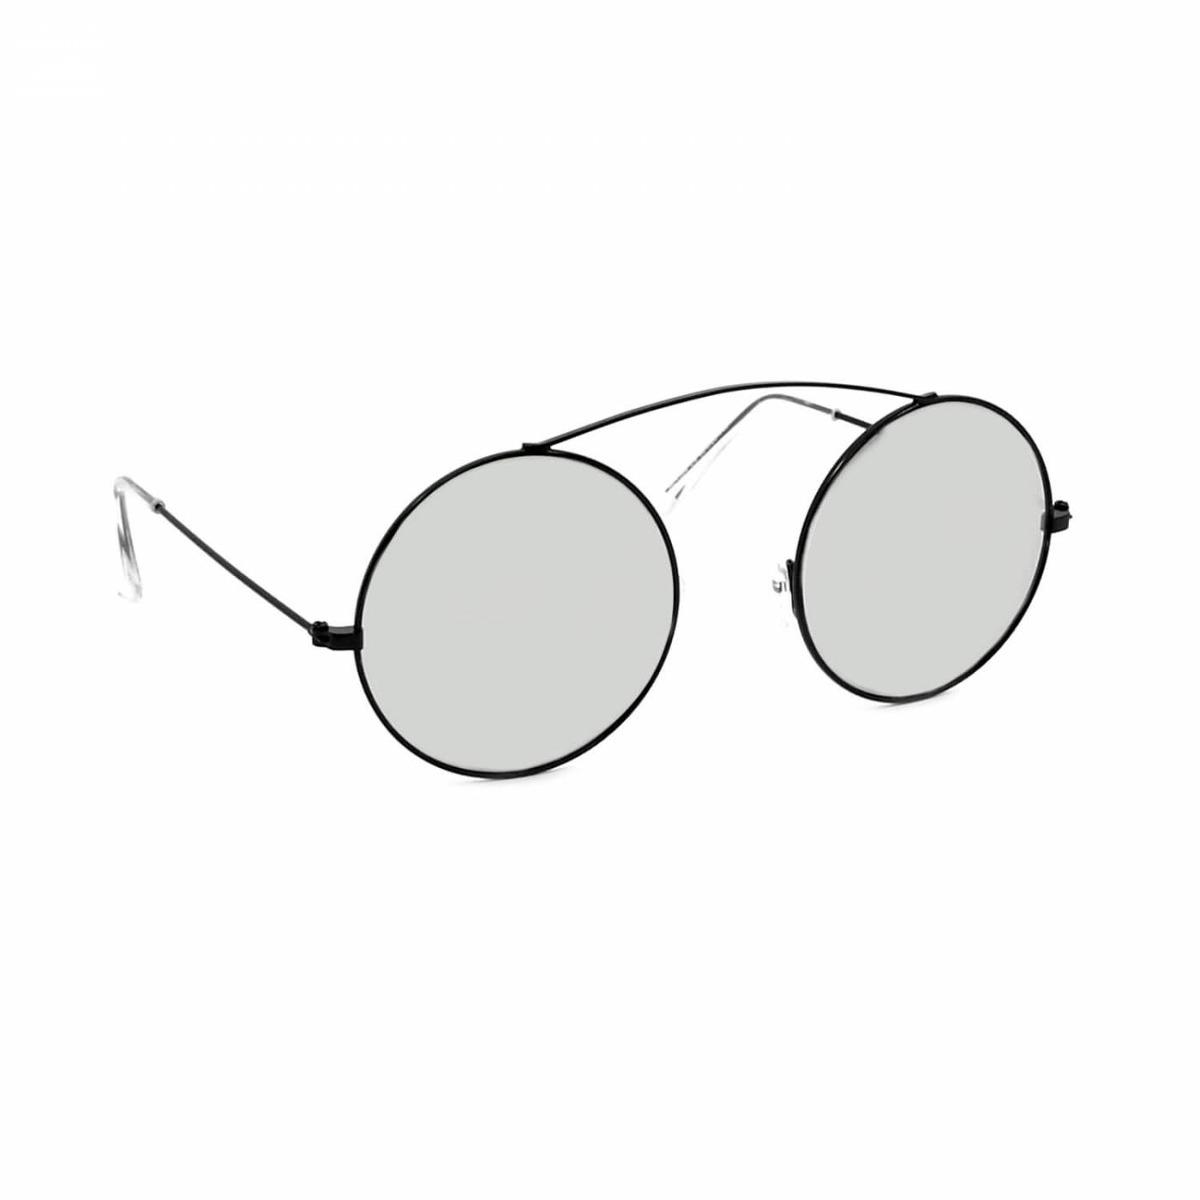 7f511dad2 Óculos De Sol Redondo Preto Espelhado - R$ 106,90 em Mercado Livre